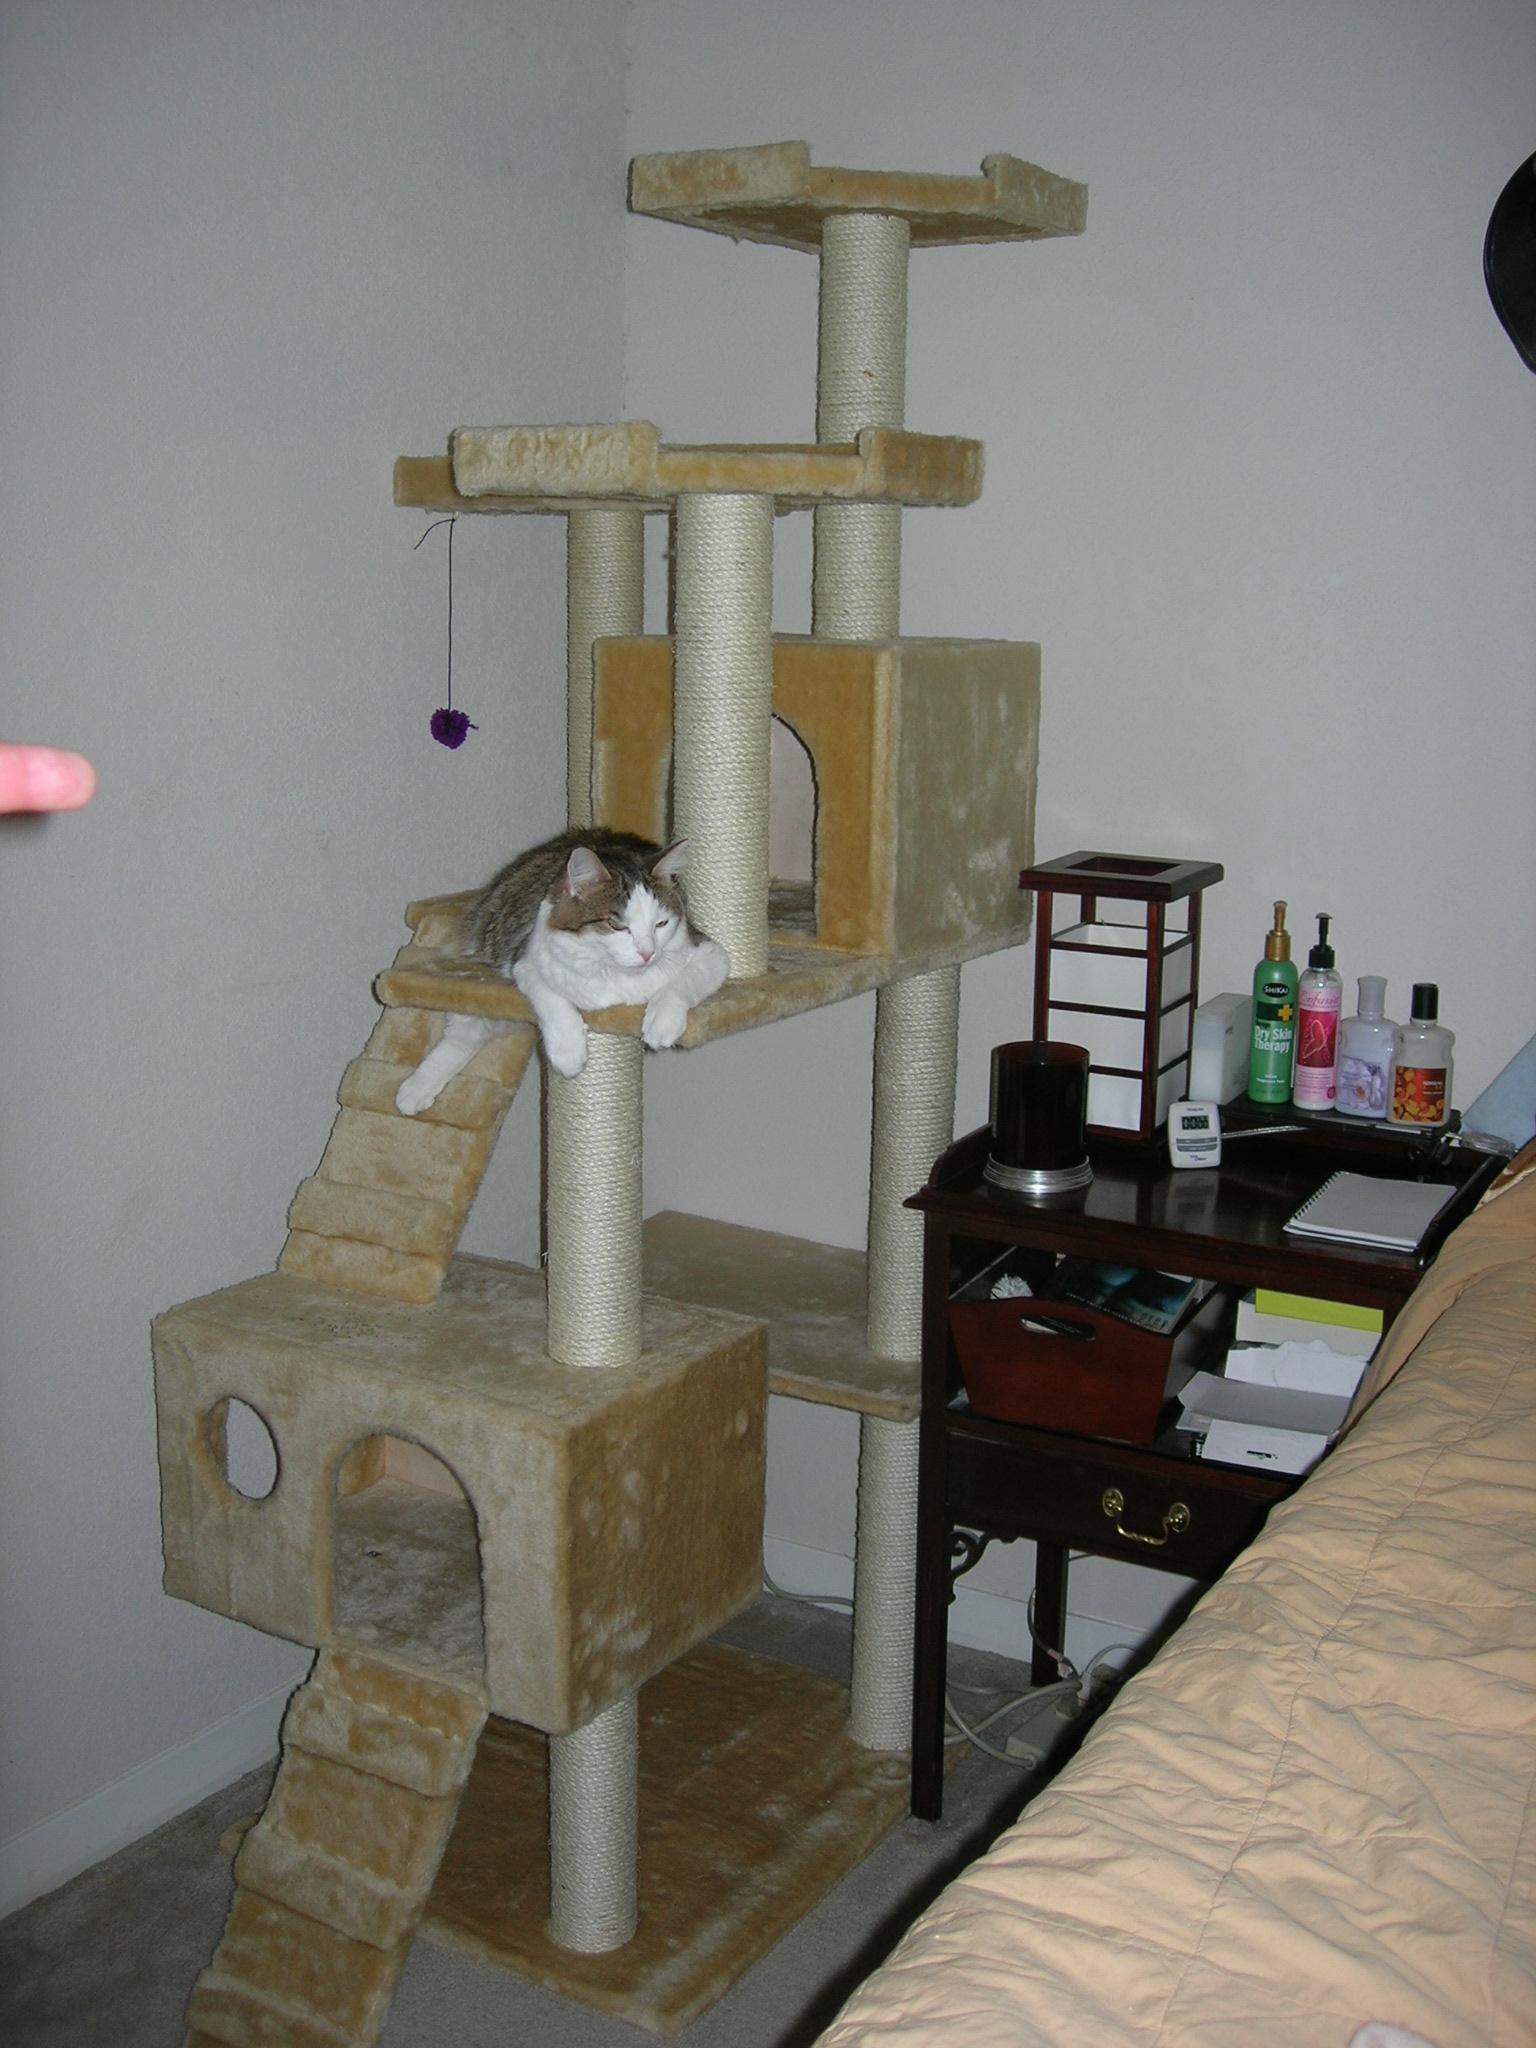 Comment Fabriquer Un Arbre À Chat bricolage : faire soi-même son arbre à chat : écologique et